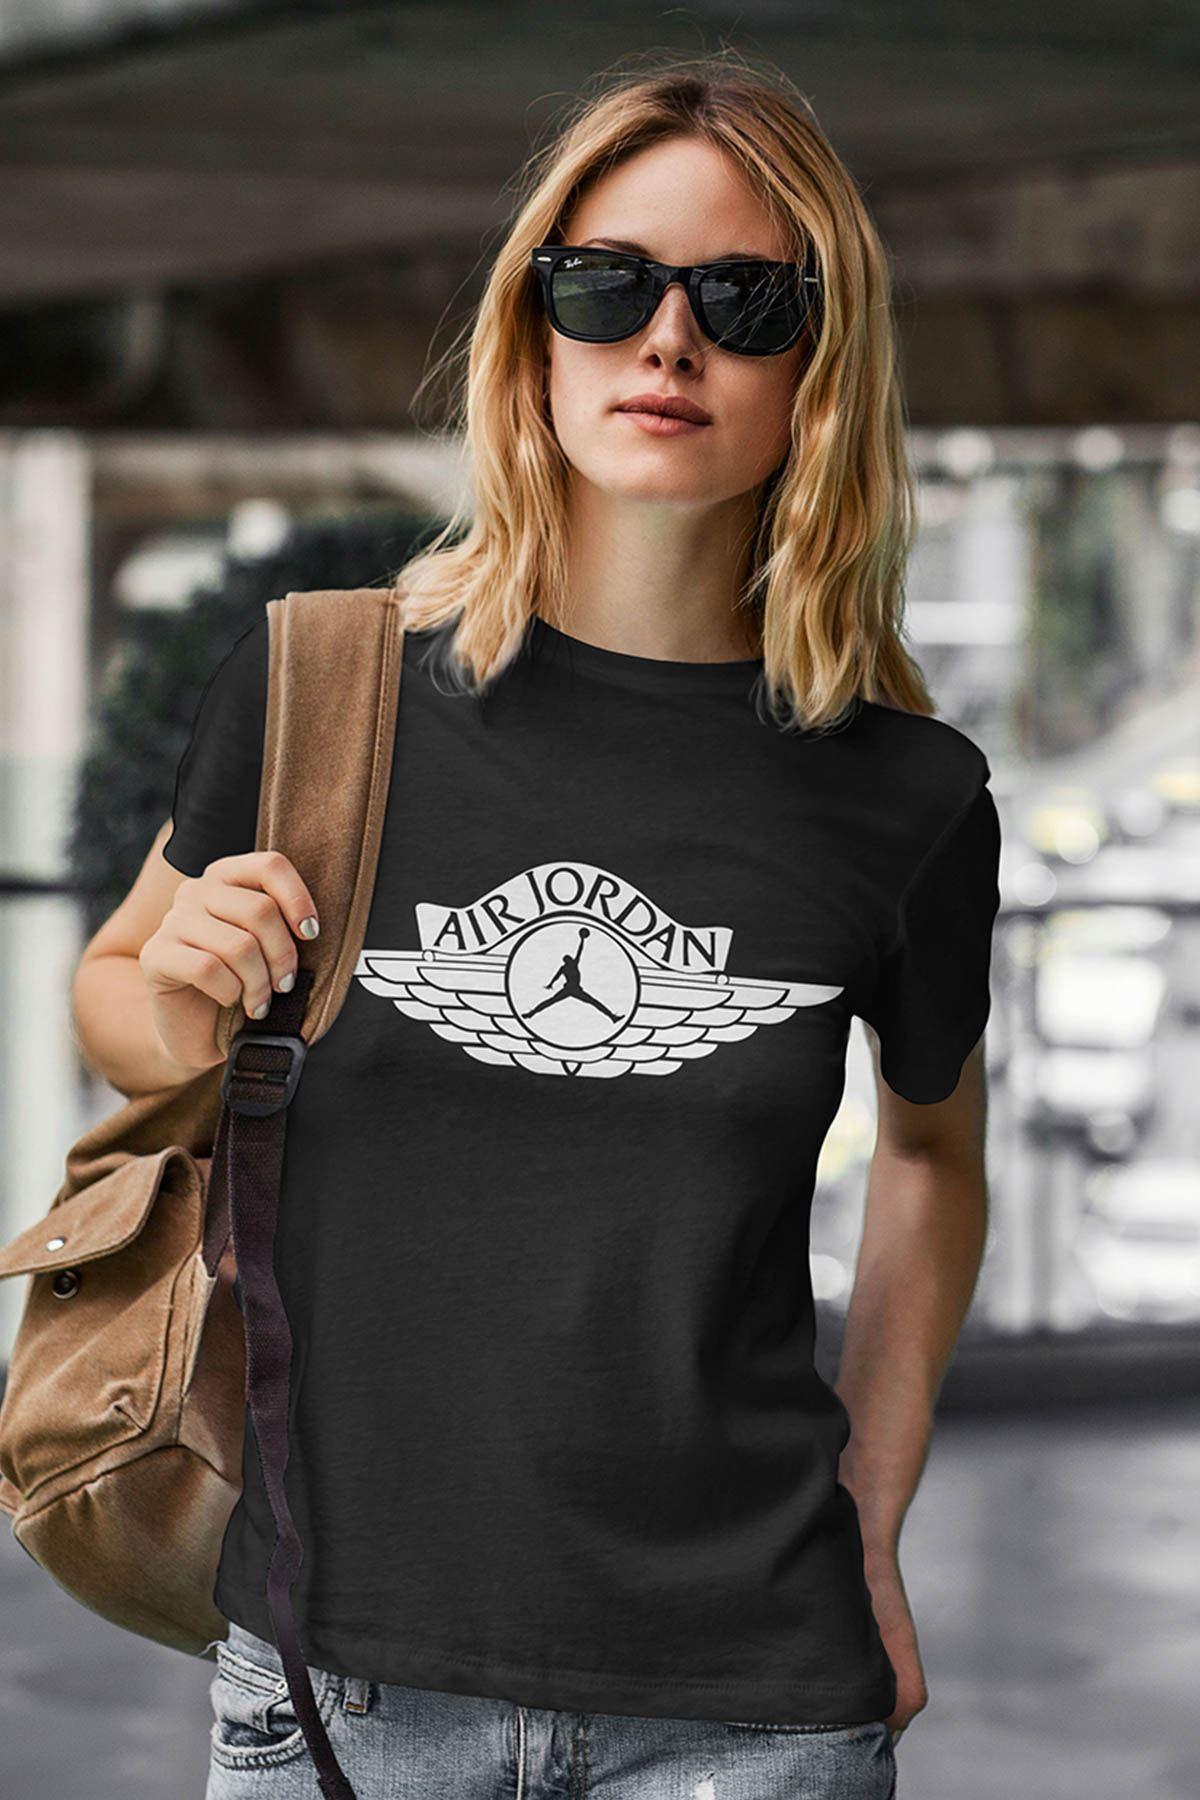 Air Jordan 12 Siyah NBA Kadın Tshirt - Tişört